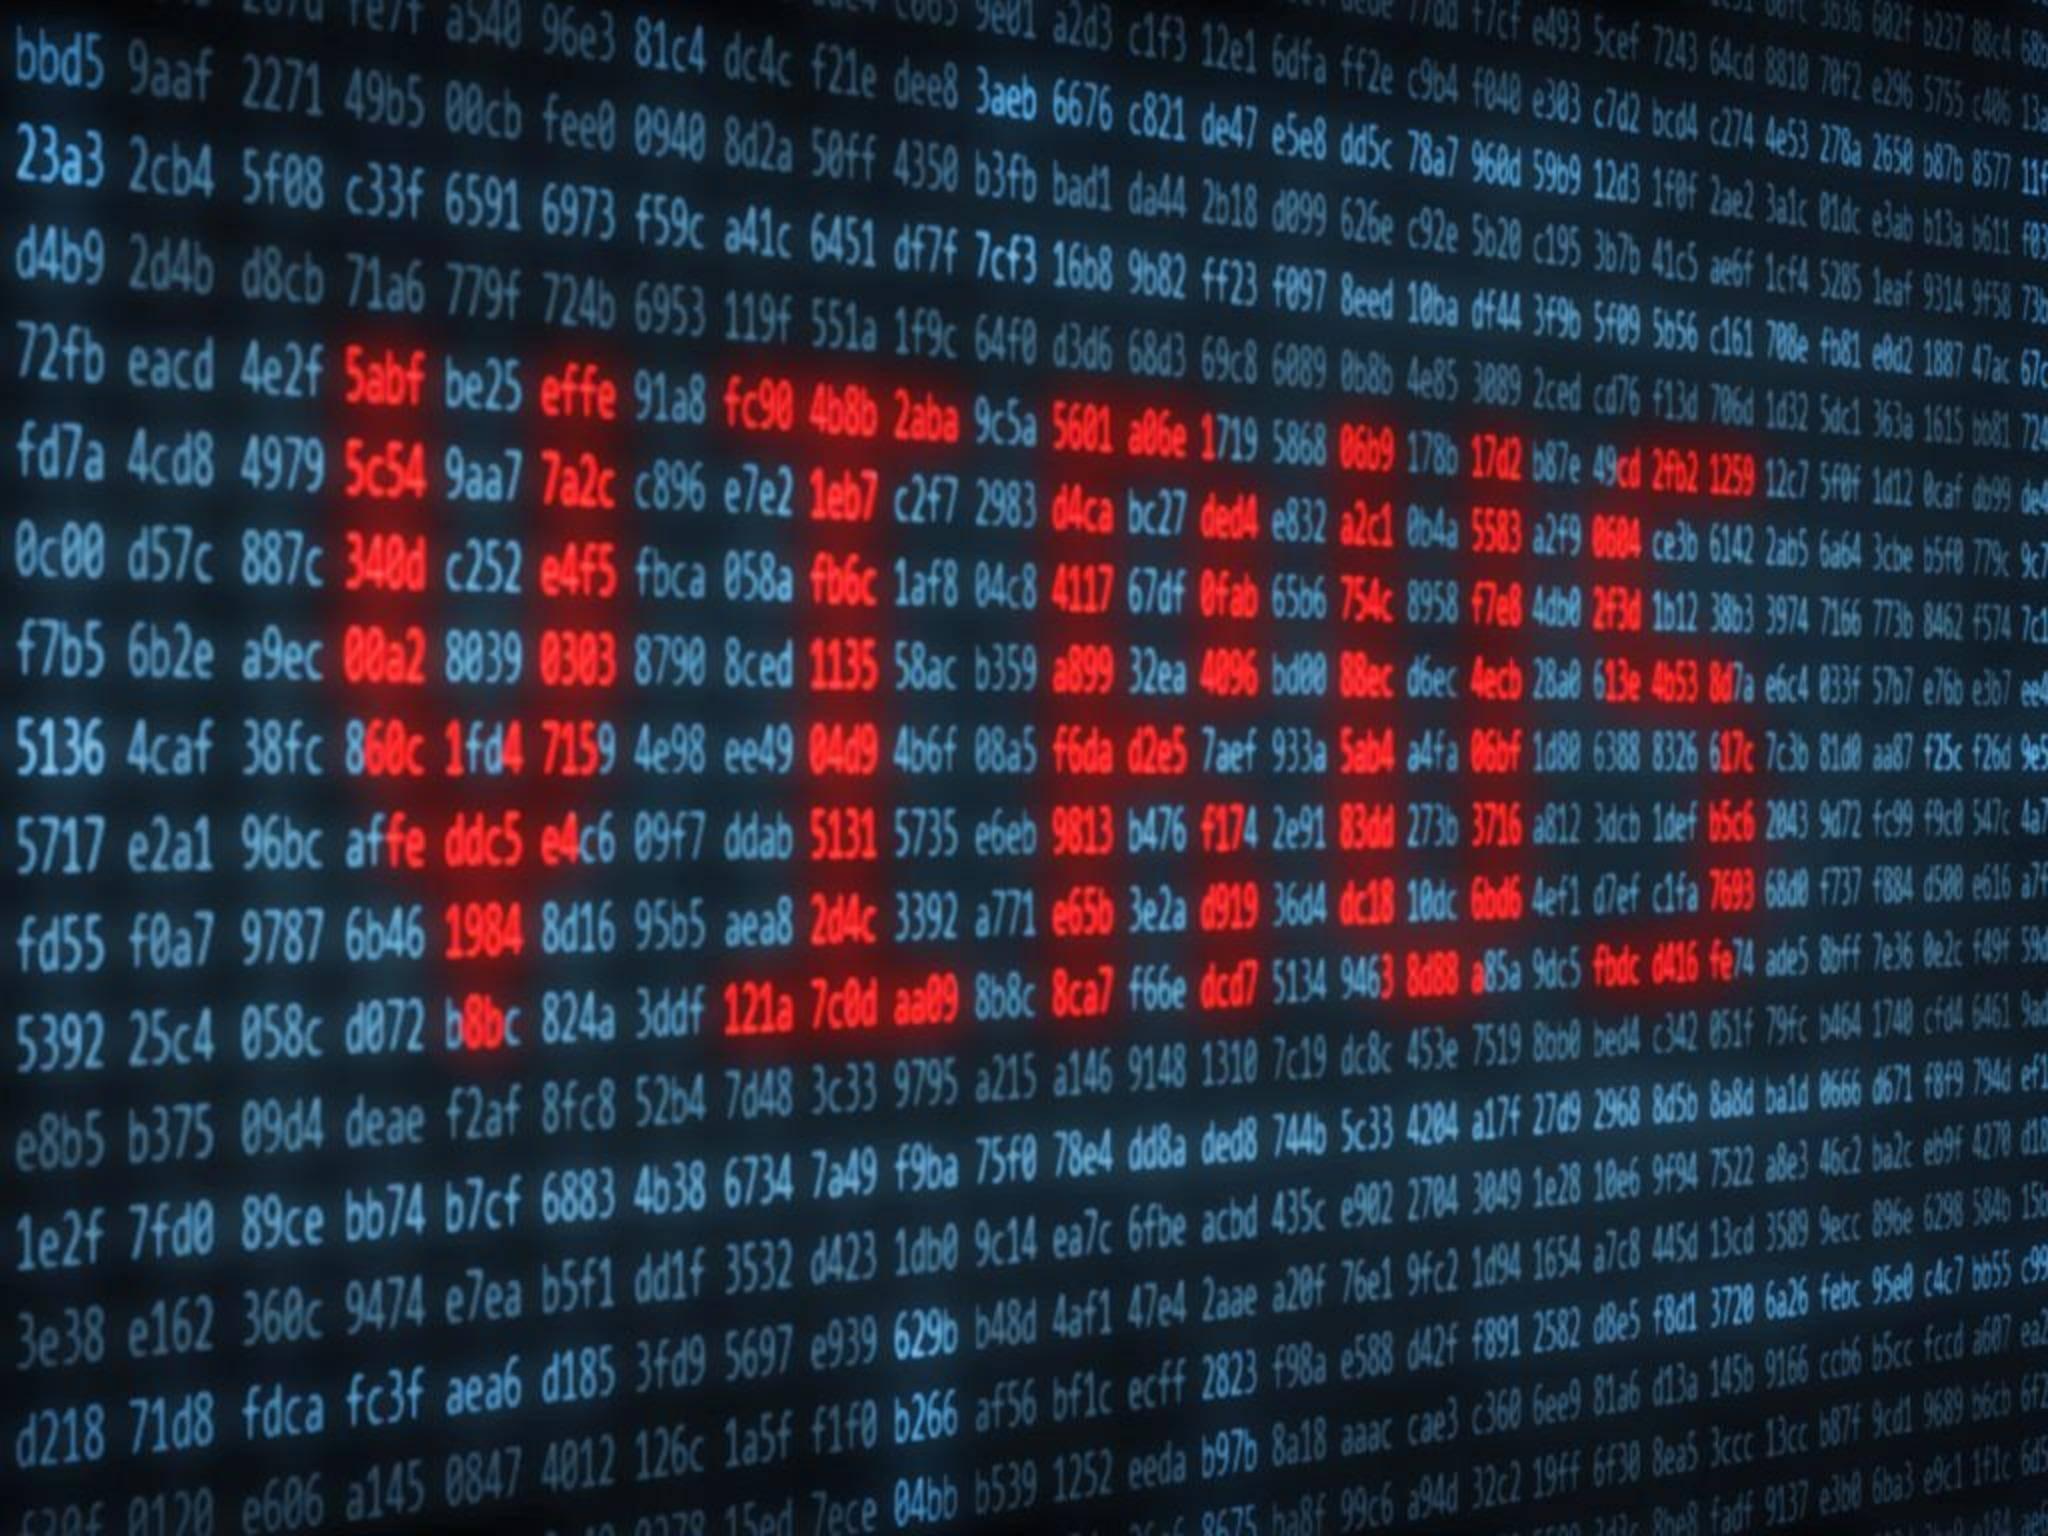 Mit manch einem Programm kommt auch ein fieser Virus auf PC oder Smartphone.